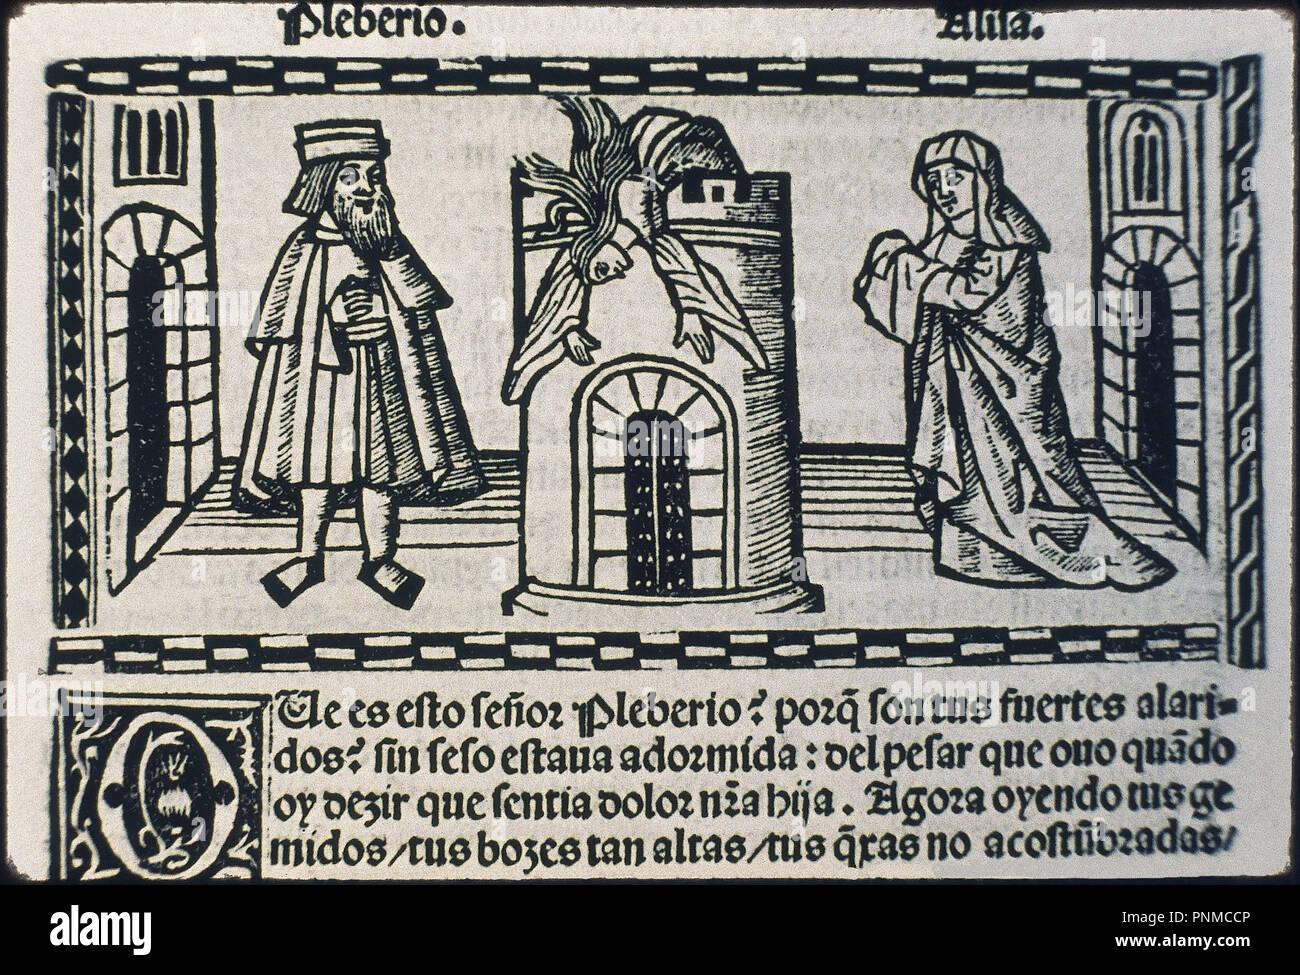 LIBRO DE CALISTO Y MELIBEA- GRABADO- DETALLE MUERTE DE MELIBEA. Author: ROJAS FERNANDO DE. Location: BIBLIOTECA NACIONAL-COLECCION. MADRID. SPAIN. - Stock Image